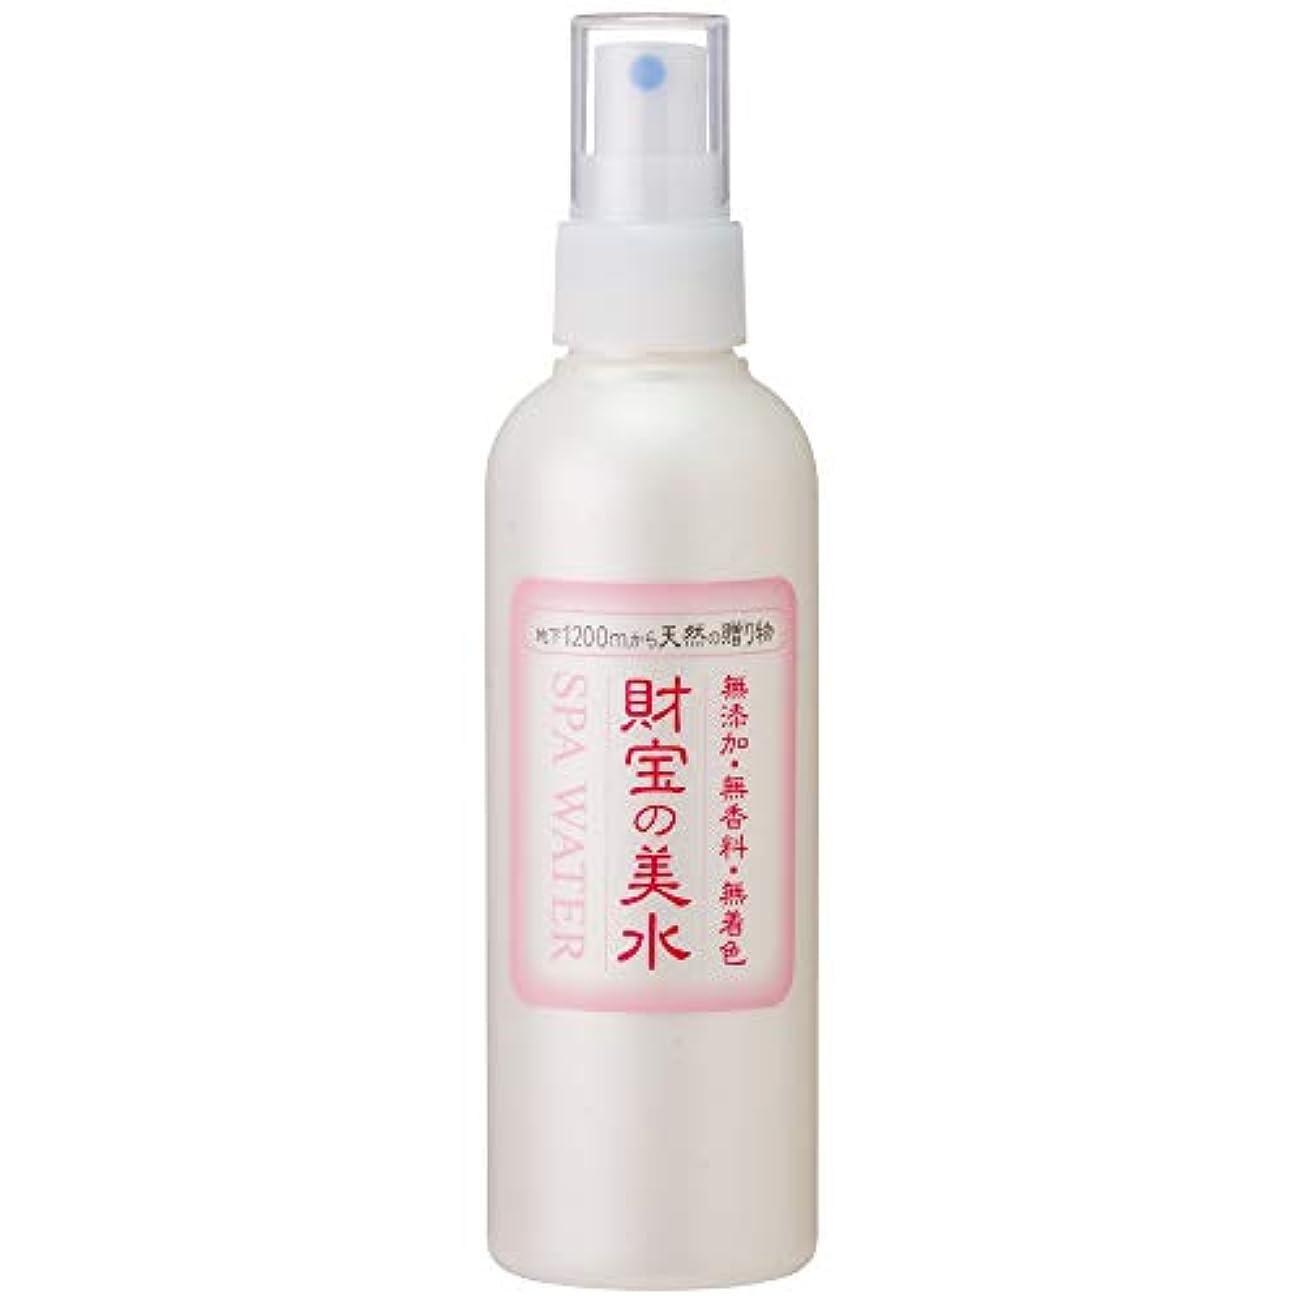 グラフ慈悲空いている財宝 温泉 美水 ミスト 化粧水 200ml